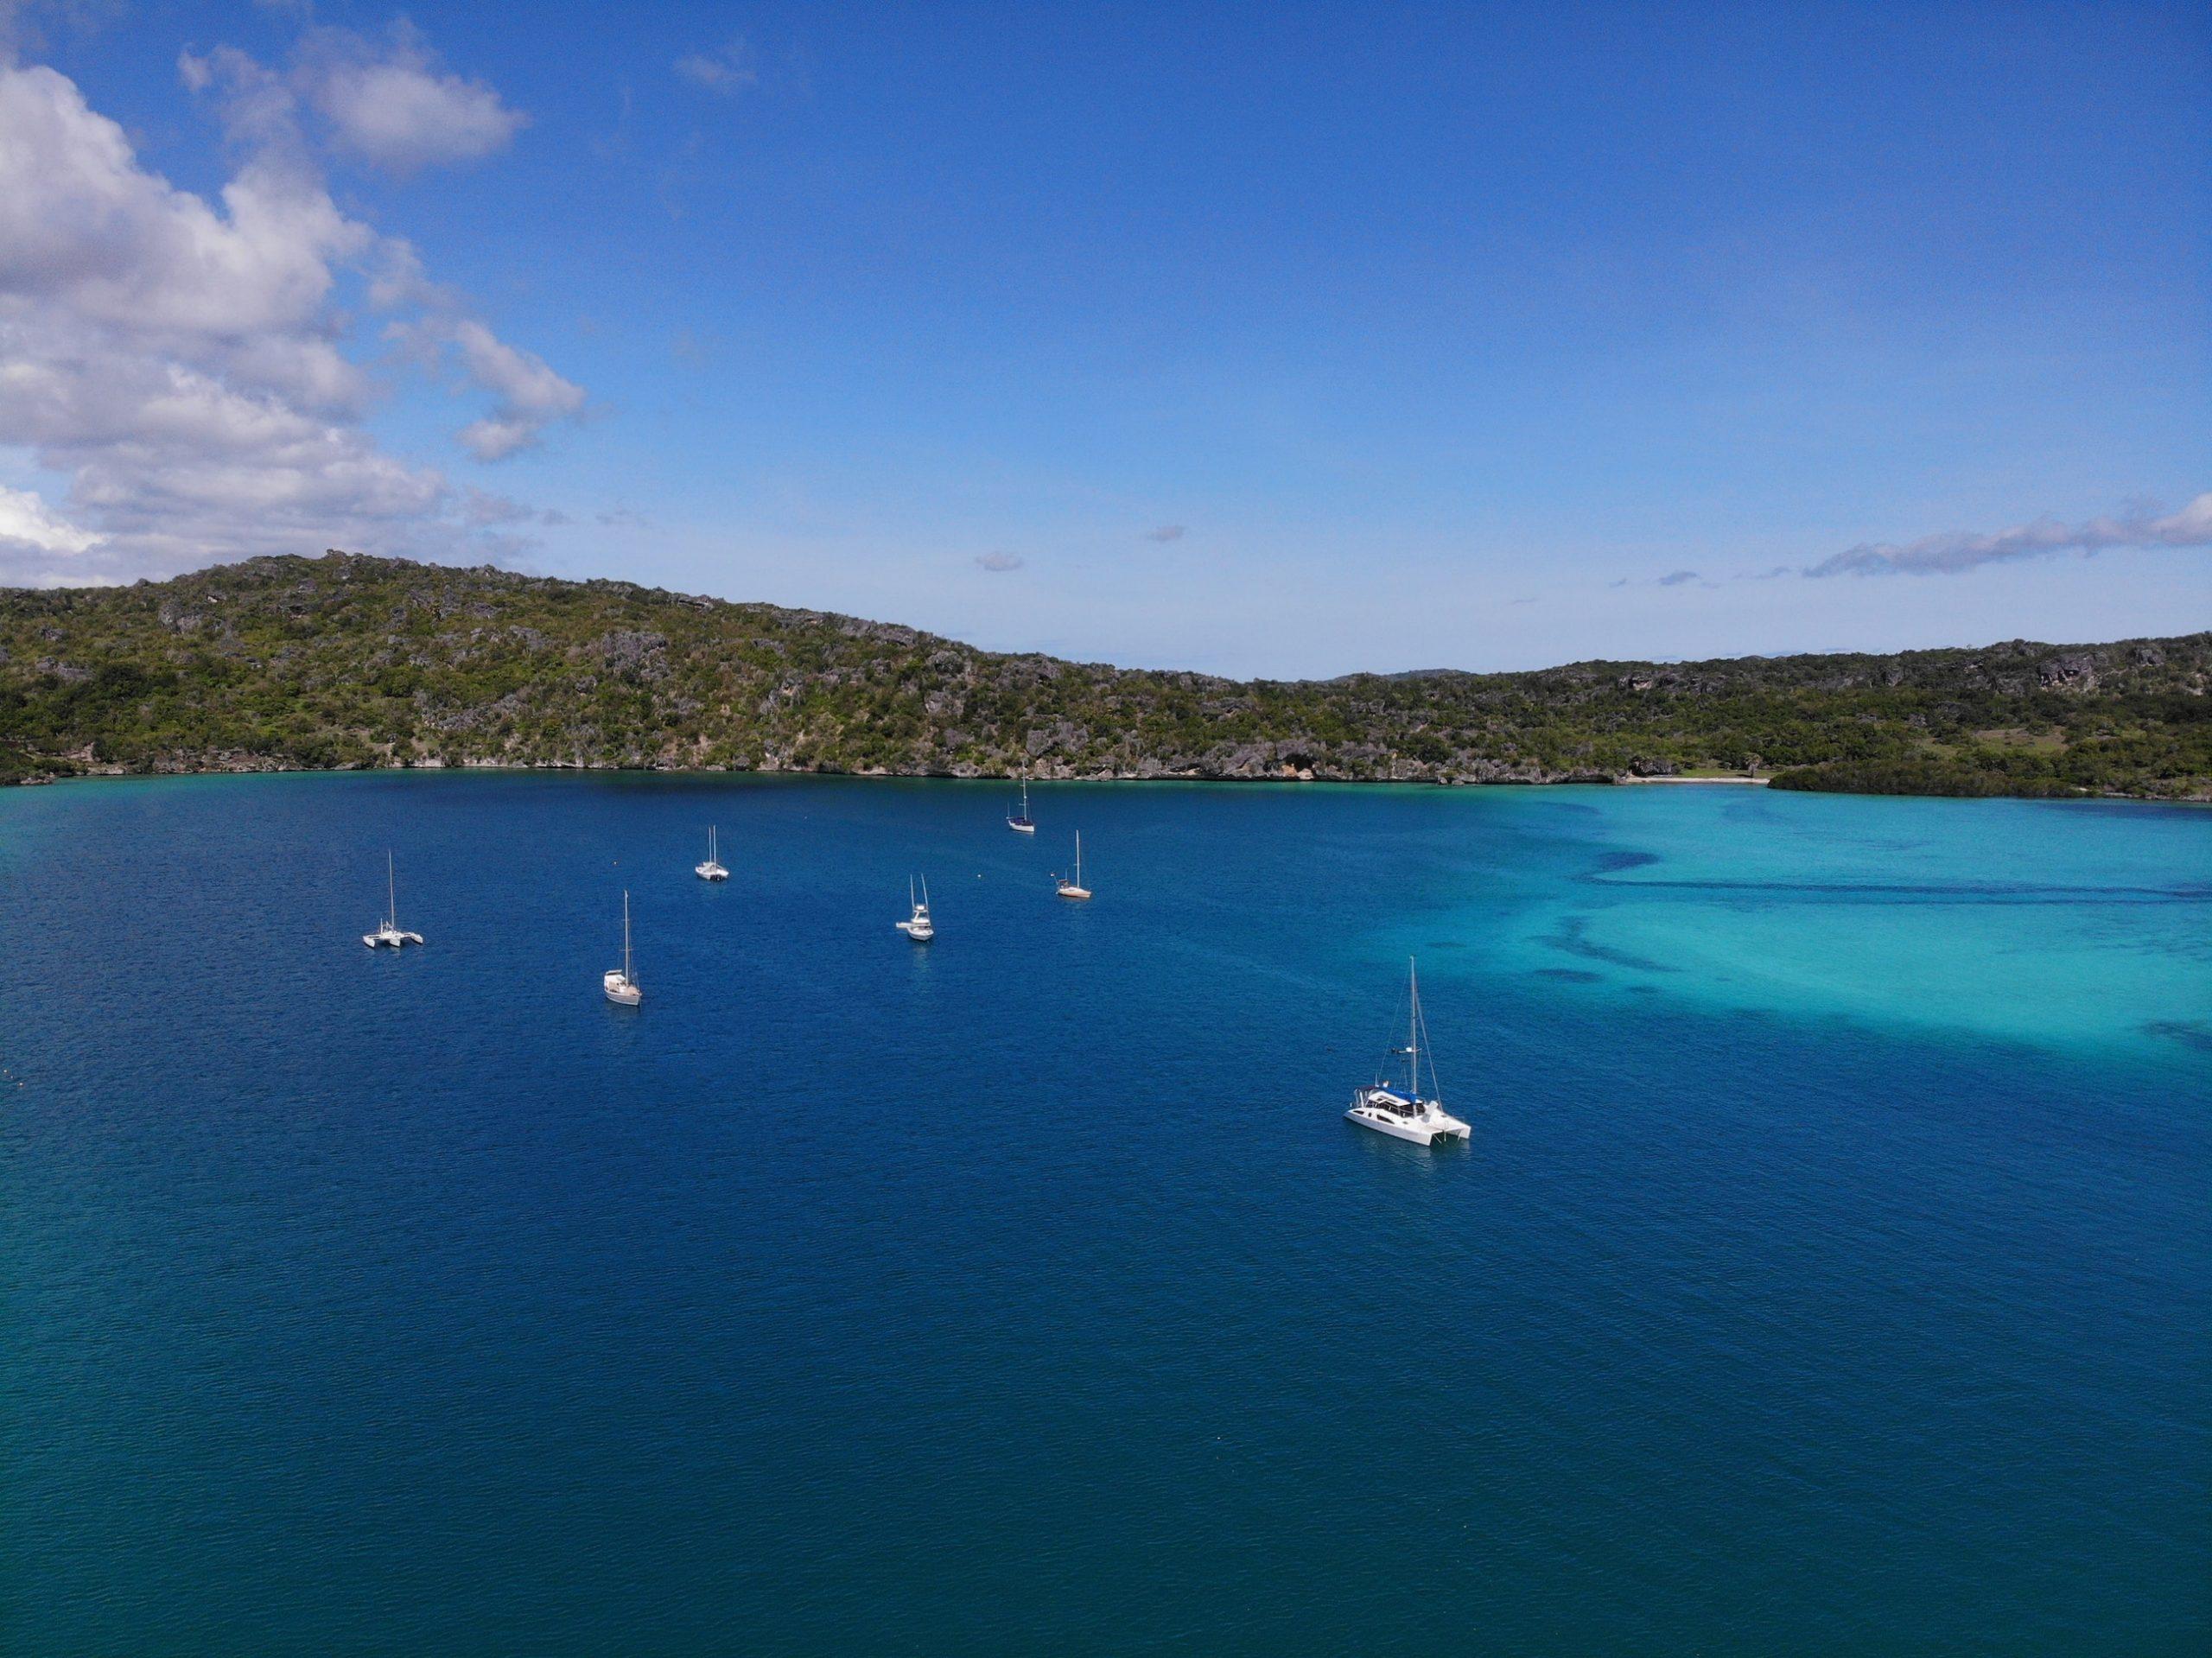 wisata bahari merupakan bagian dari kegiatan 5 destinasi super prioritas.